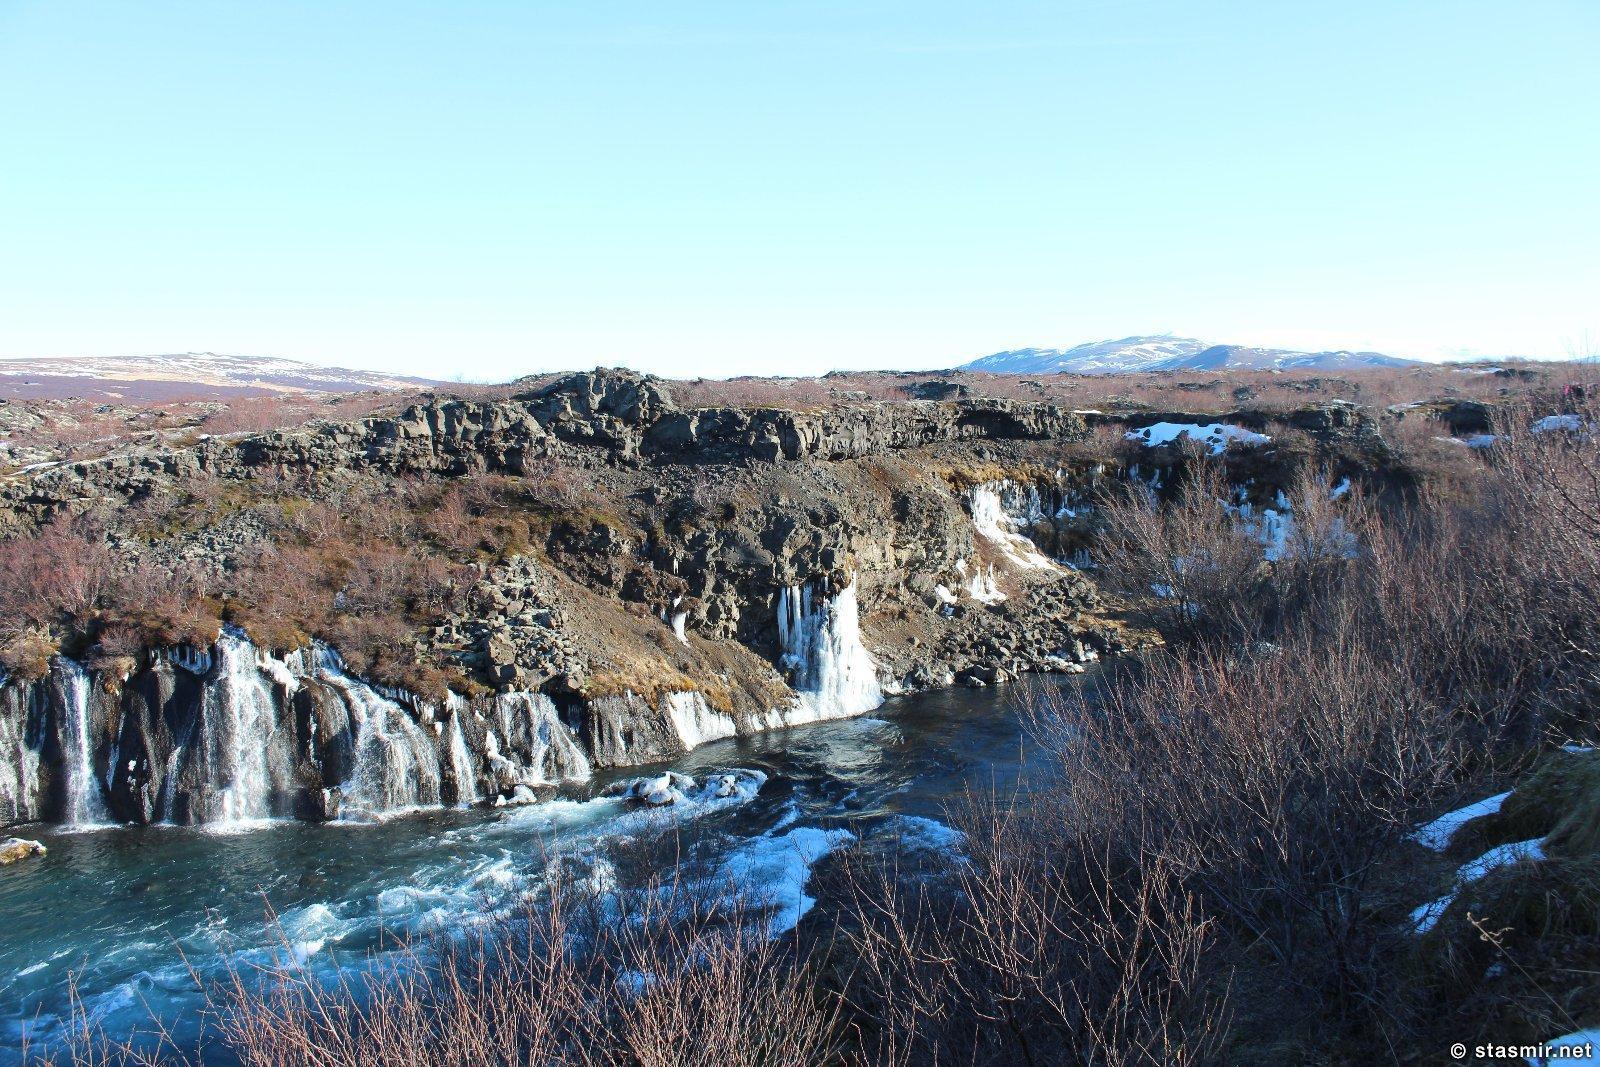 Зимняя Исландия: водопады среди лавы, фото Стасмир, photo Stasmir